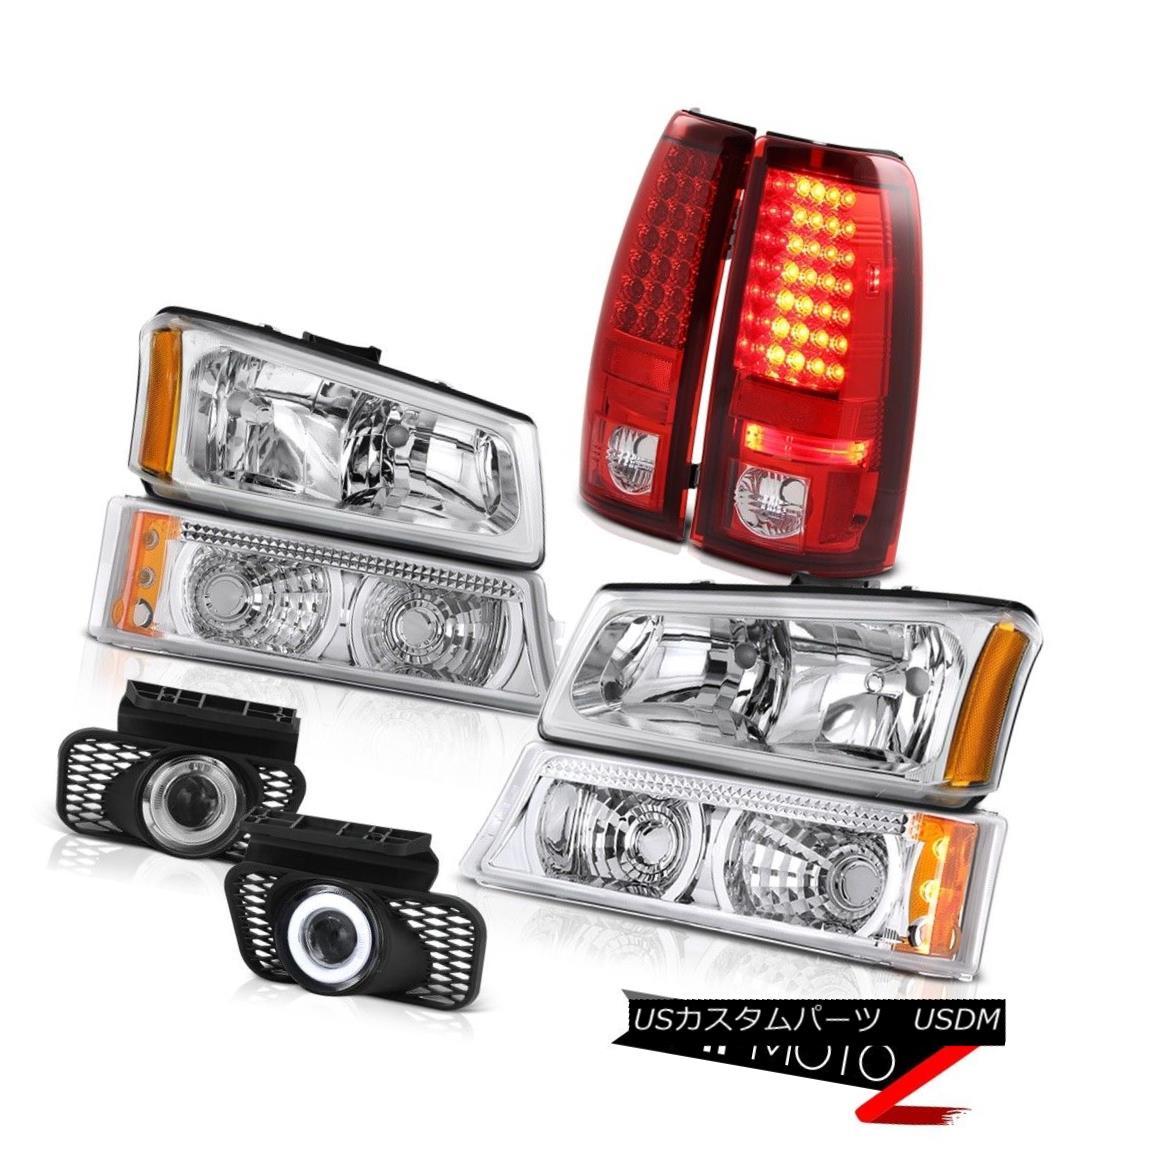 テールライト Euro Chrome Headlight Bumper LED Taillights SMD DRL Foglights 05 06 Silverado LT ユーロクロームヘッドライトバンパーLEDテールライトSMD DRL Foglights 05 06 Silverado LT